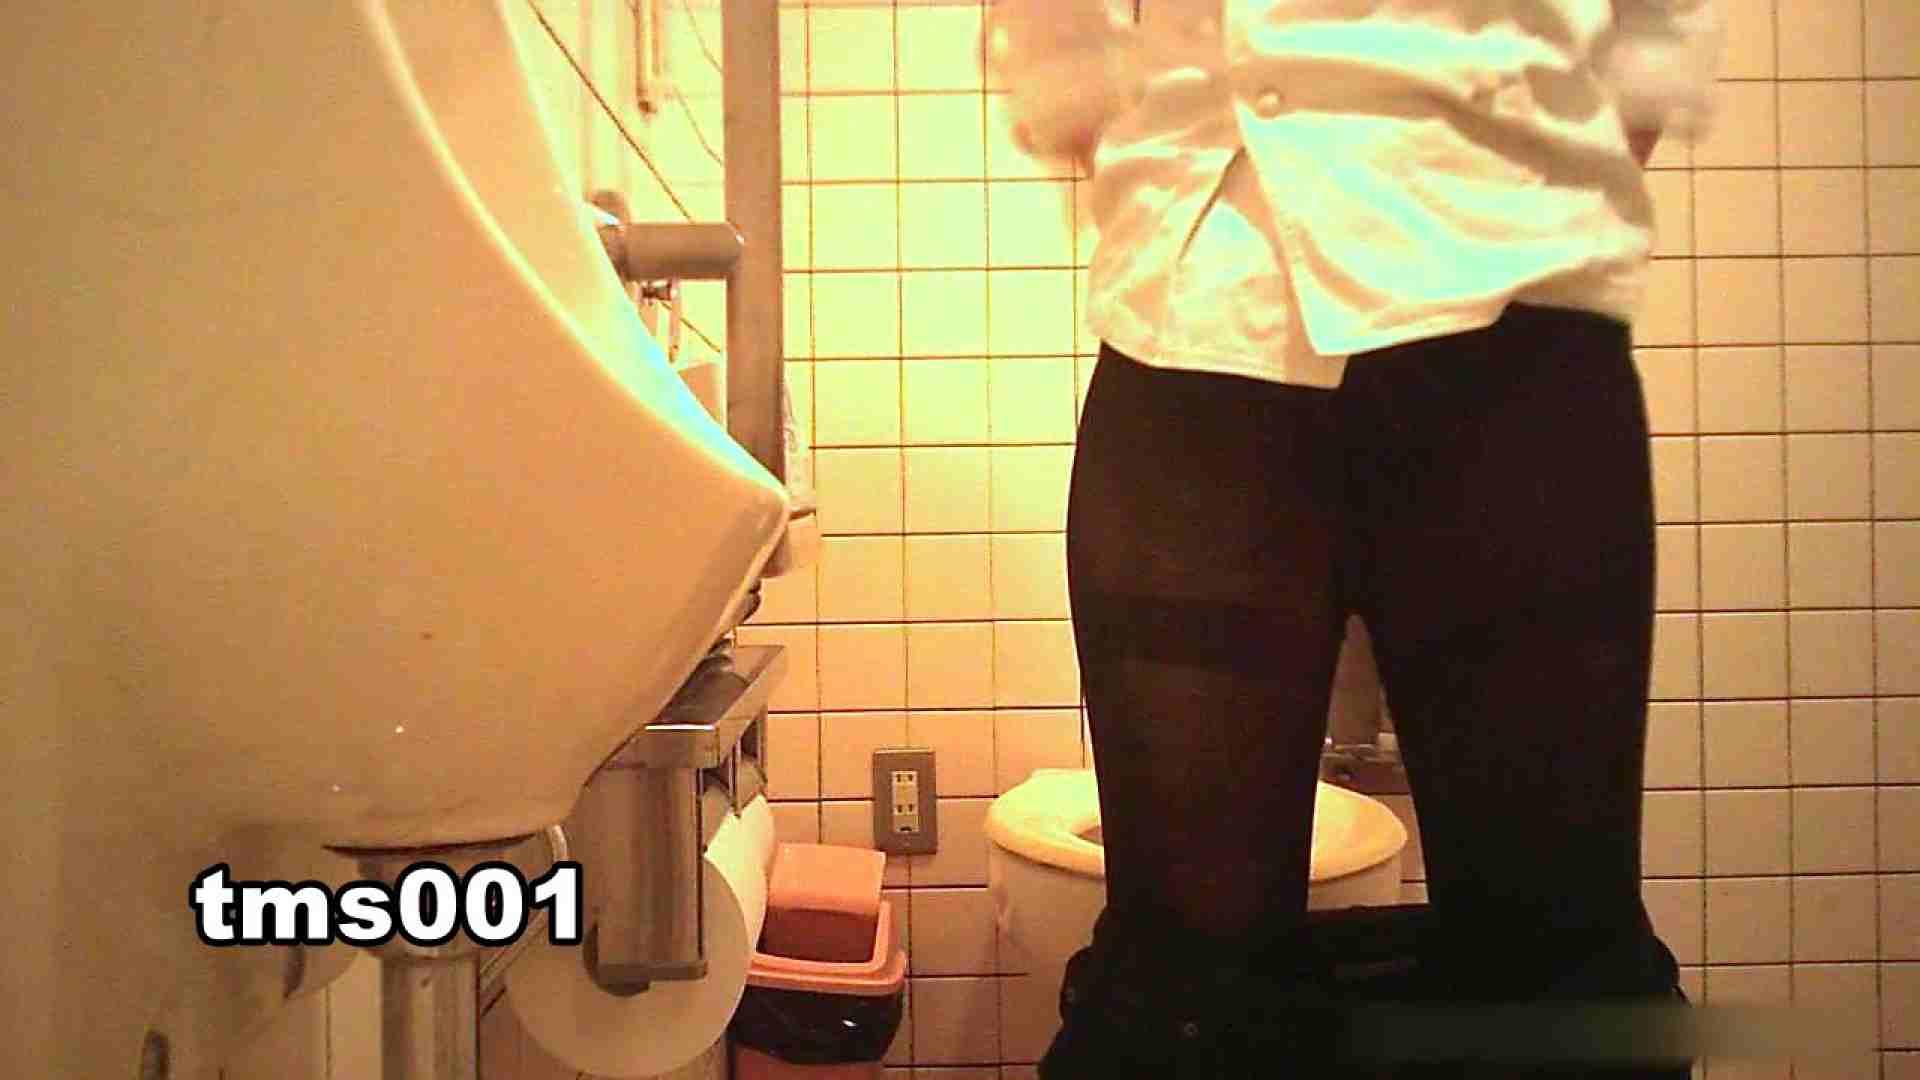 トイメンの割れ目 vol.001 丸見え AV無料動画キャプチャ 91画像 72